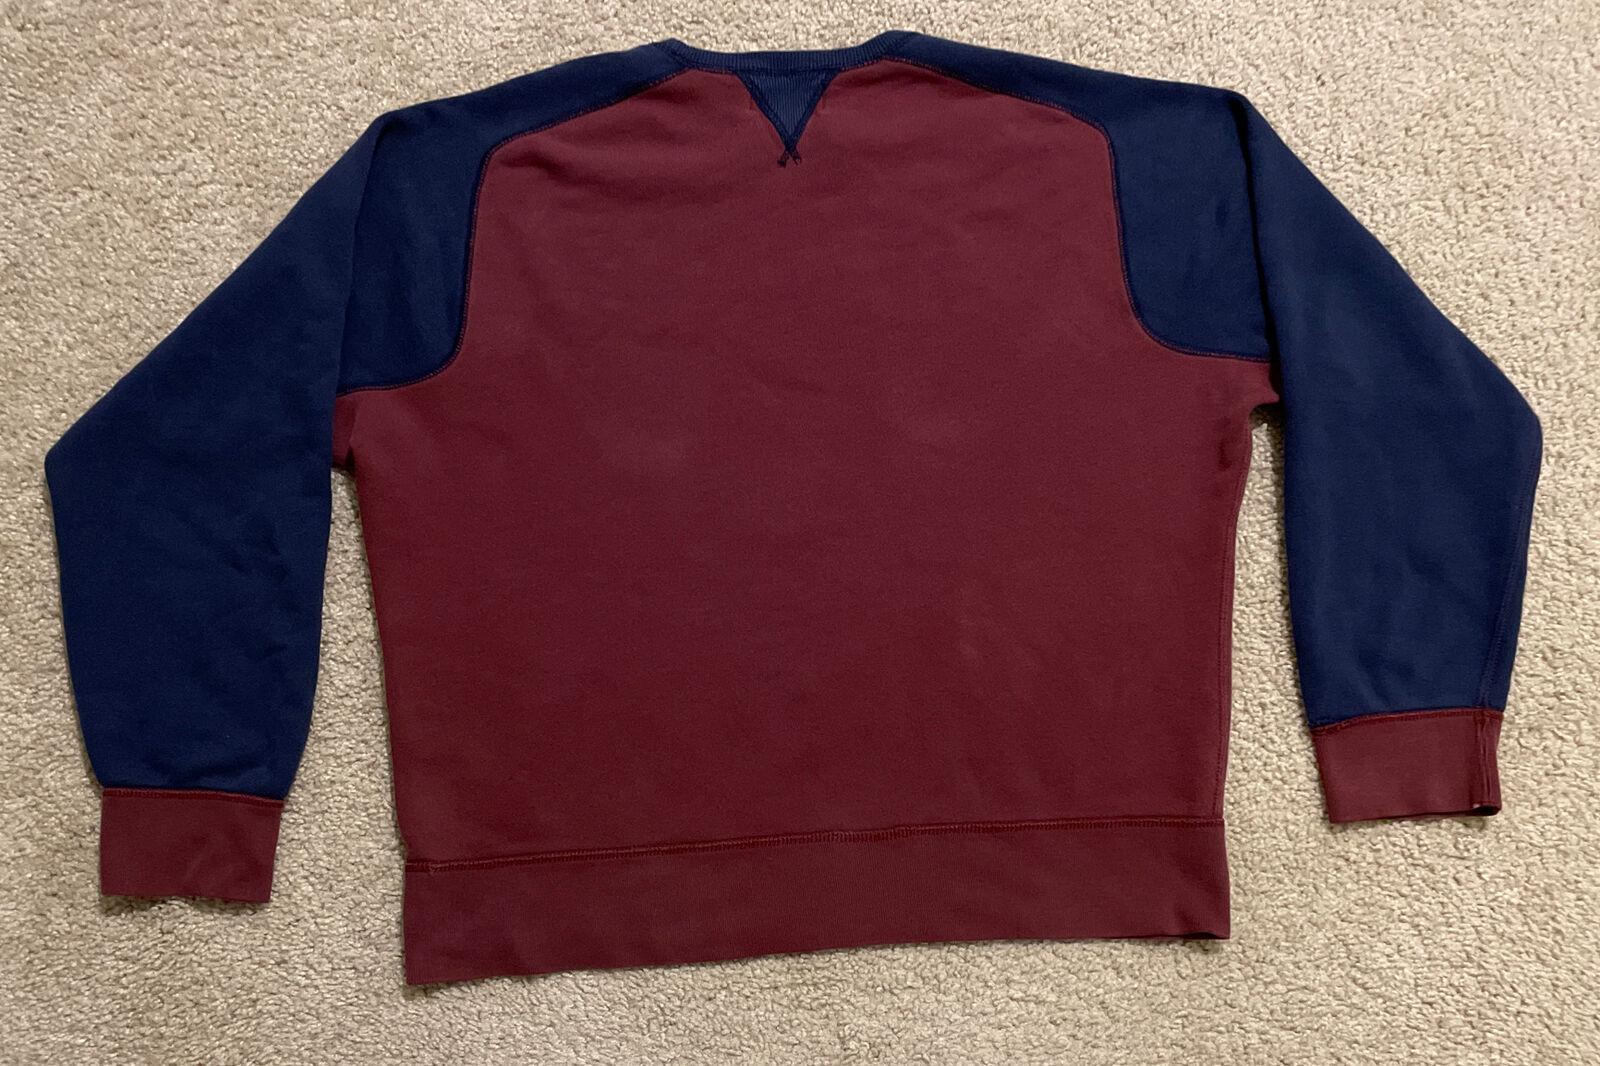 Vintage Polo Ralph Lauren Academy Fleece Sweatshi… - image 6